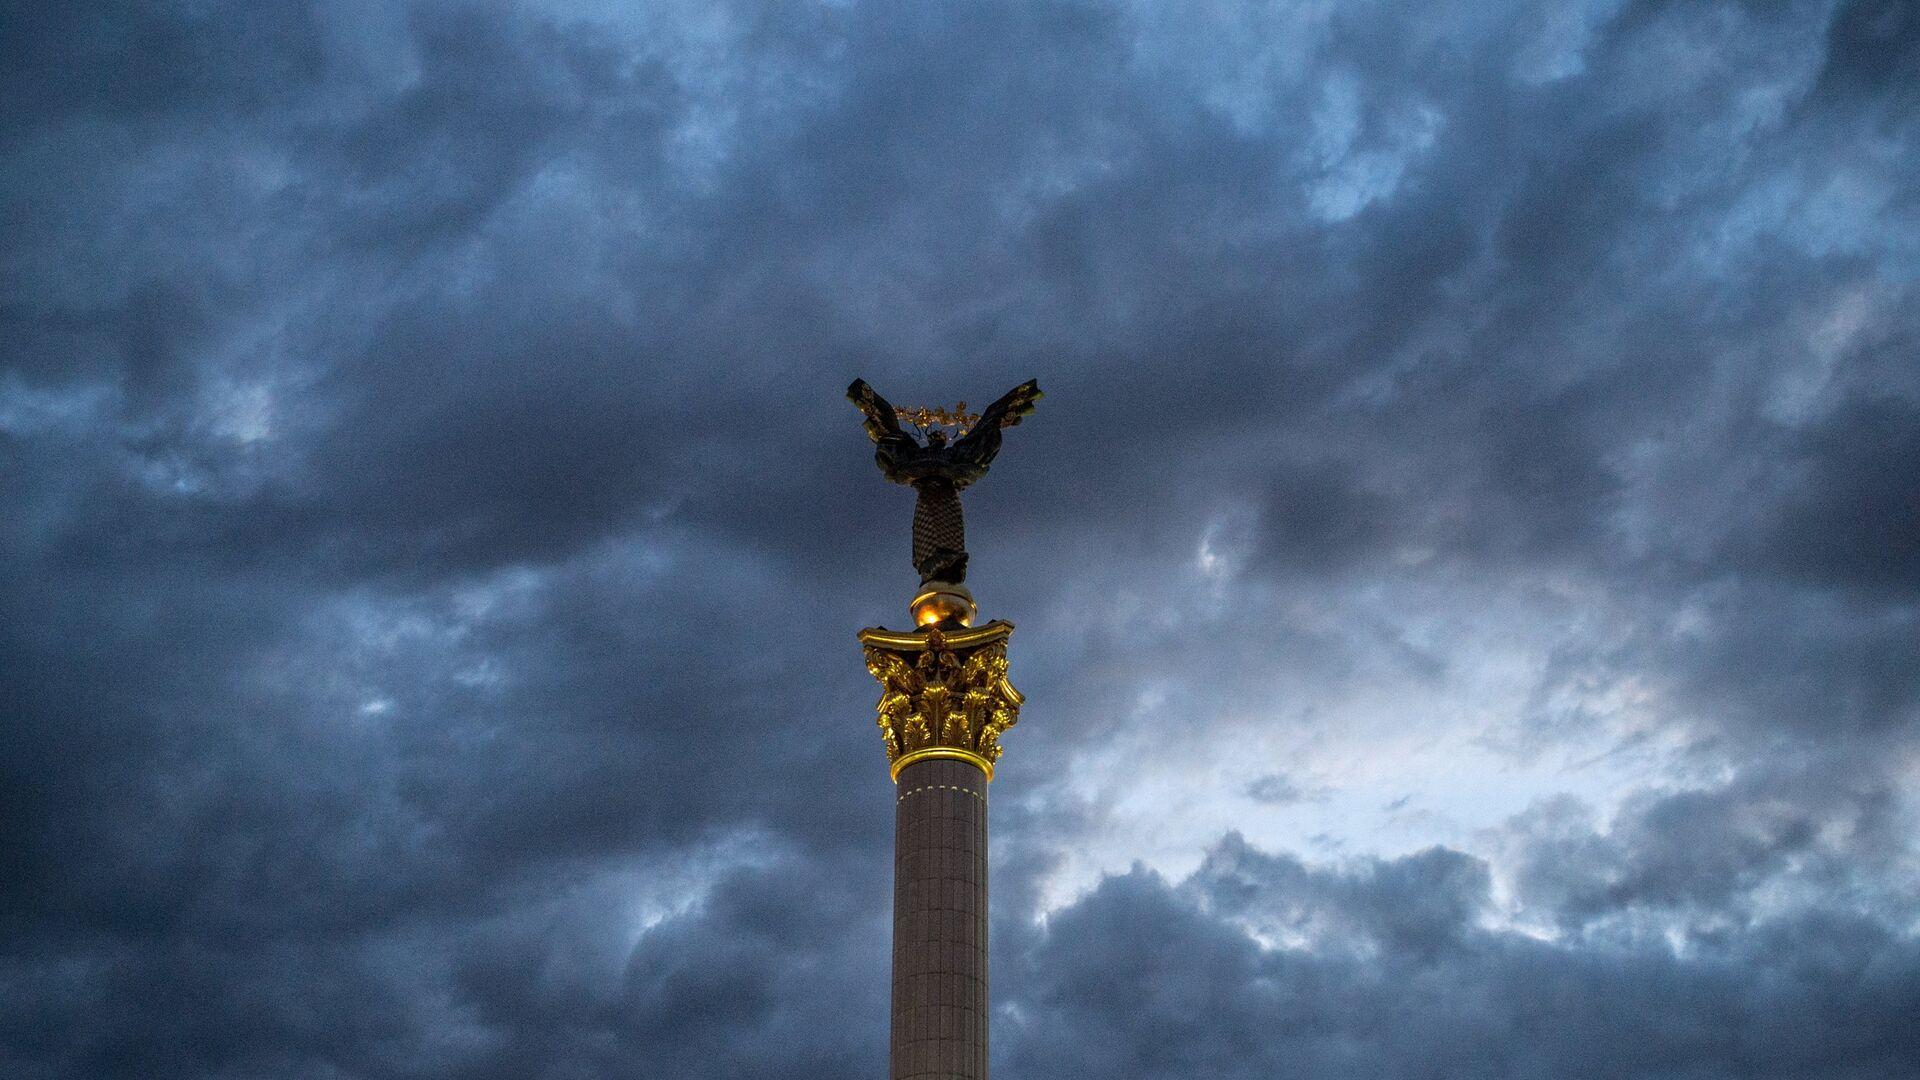 Монумент Независимости Украины в Киеве - РИА Новости, 1920, 30.10.2020